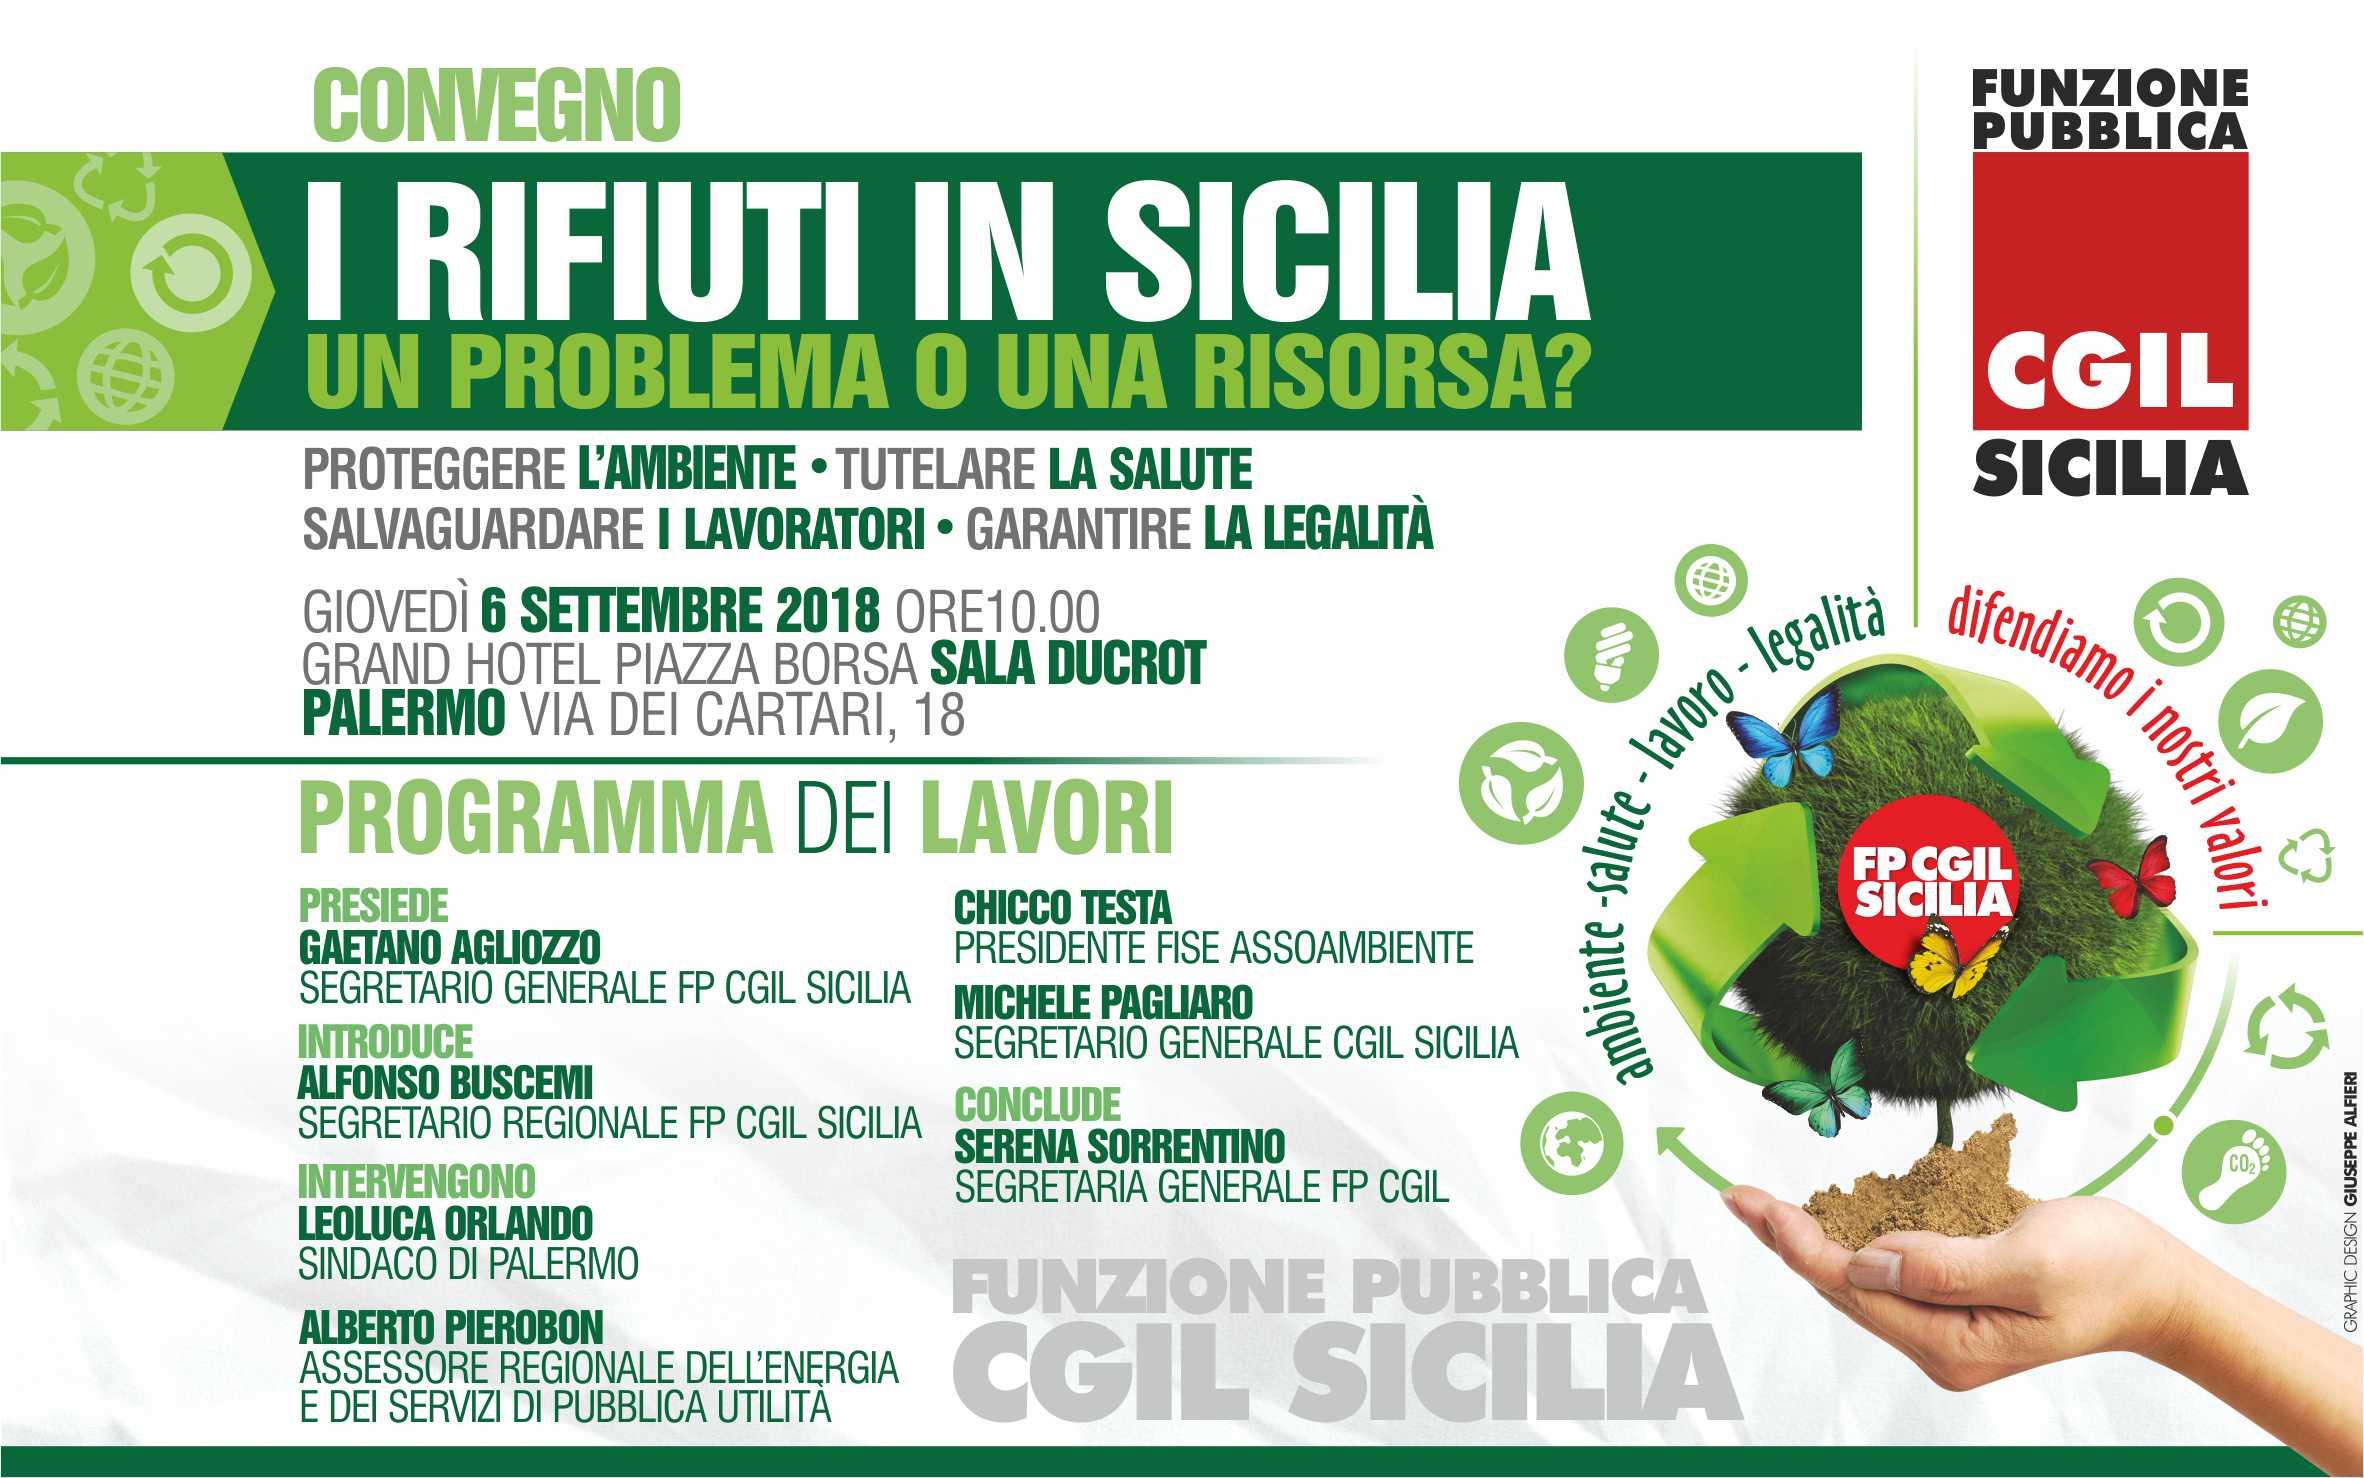 La gestione integrata dei rifiuti in Sicilia, a Palermo la Fp Cgil lancia la sua proposta: l'evento in diretta sulla pagina facebook https://www.facebook.com/FP-CGIL-SICILIA-157281441514908/